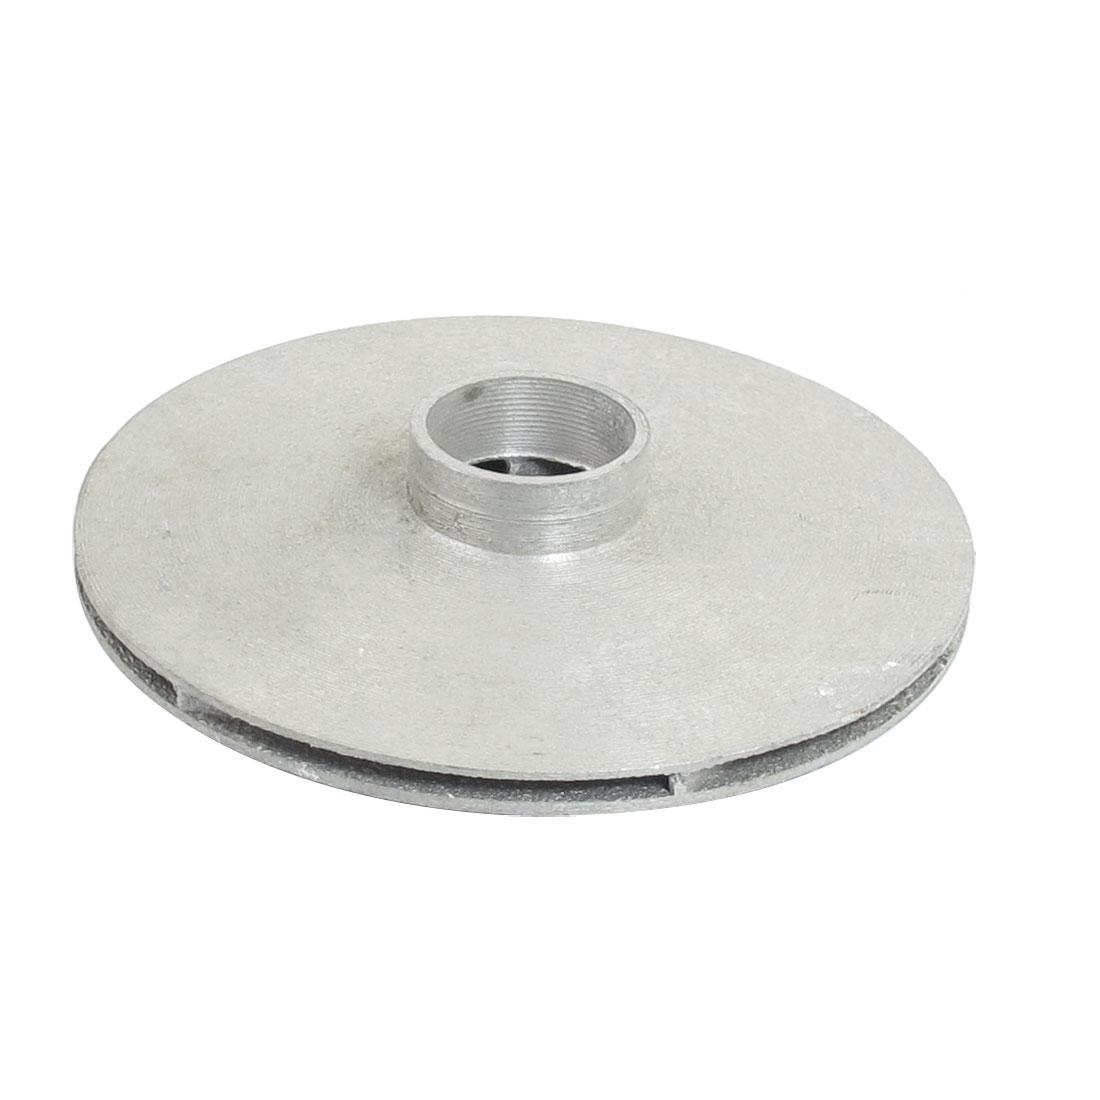 15cm-x-2-3cm-Water-Pump-Aluminum-Precision-Impeller-Casting-Part